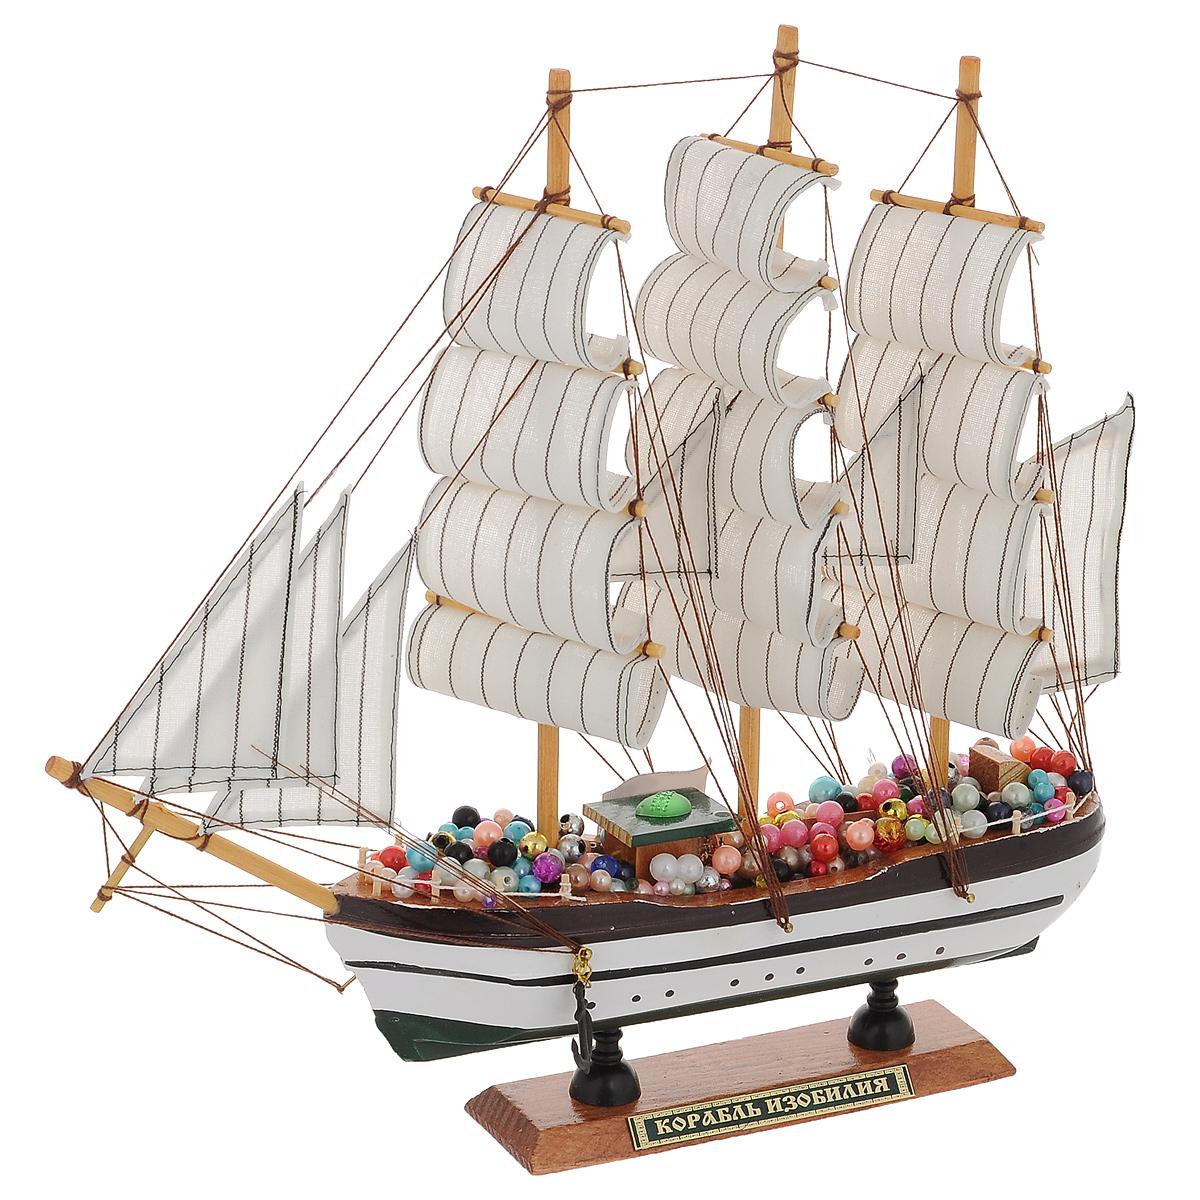 Корабль сувенирный Корабль изобилия, длина 33 см08010202Сувенирный корабль Корабль изобилия, изготовленный из дерева, металла и текстиля, это великолепный элемент декора рабочей зоны в офисе или кабинете. Корабль с парусами и якорями помещен на деревянную подставку. Палуба изделия украшена разноцветными бусинами. Время идет, и мы становимся свидетелями развития технического прогресса, новых учений и практик. Но одно не подвластно времени - это любовь человека к морю и кораблям. Сувенирный корабль наполнен историей и силой океанских вод. Данная модель корабля станет отличным подарком для всех любителей морей, поклонников историй о покорении океанов и неизведанных земель. Модель корабля - подарок со смыслом. Издавна на Руси считалось, что корабли приносят удачу и везение. Поэтому их изображения, фигурки и точные копии всегда присутствовали в помещениях. Удивите себя и своих близких необычным презентом.